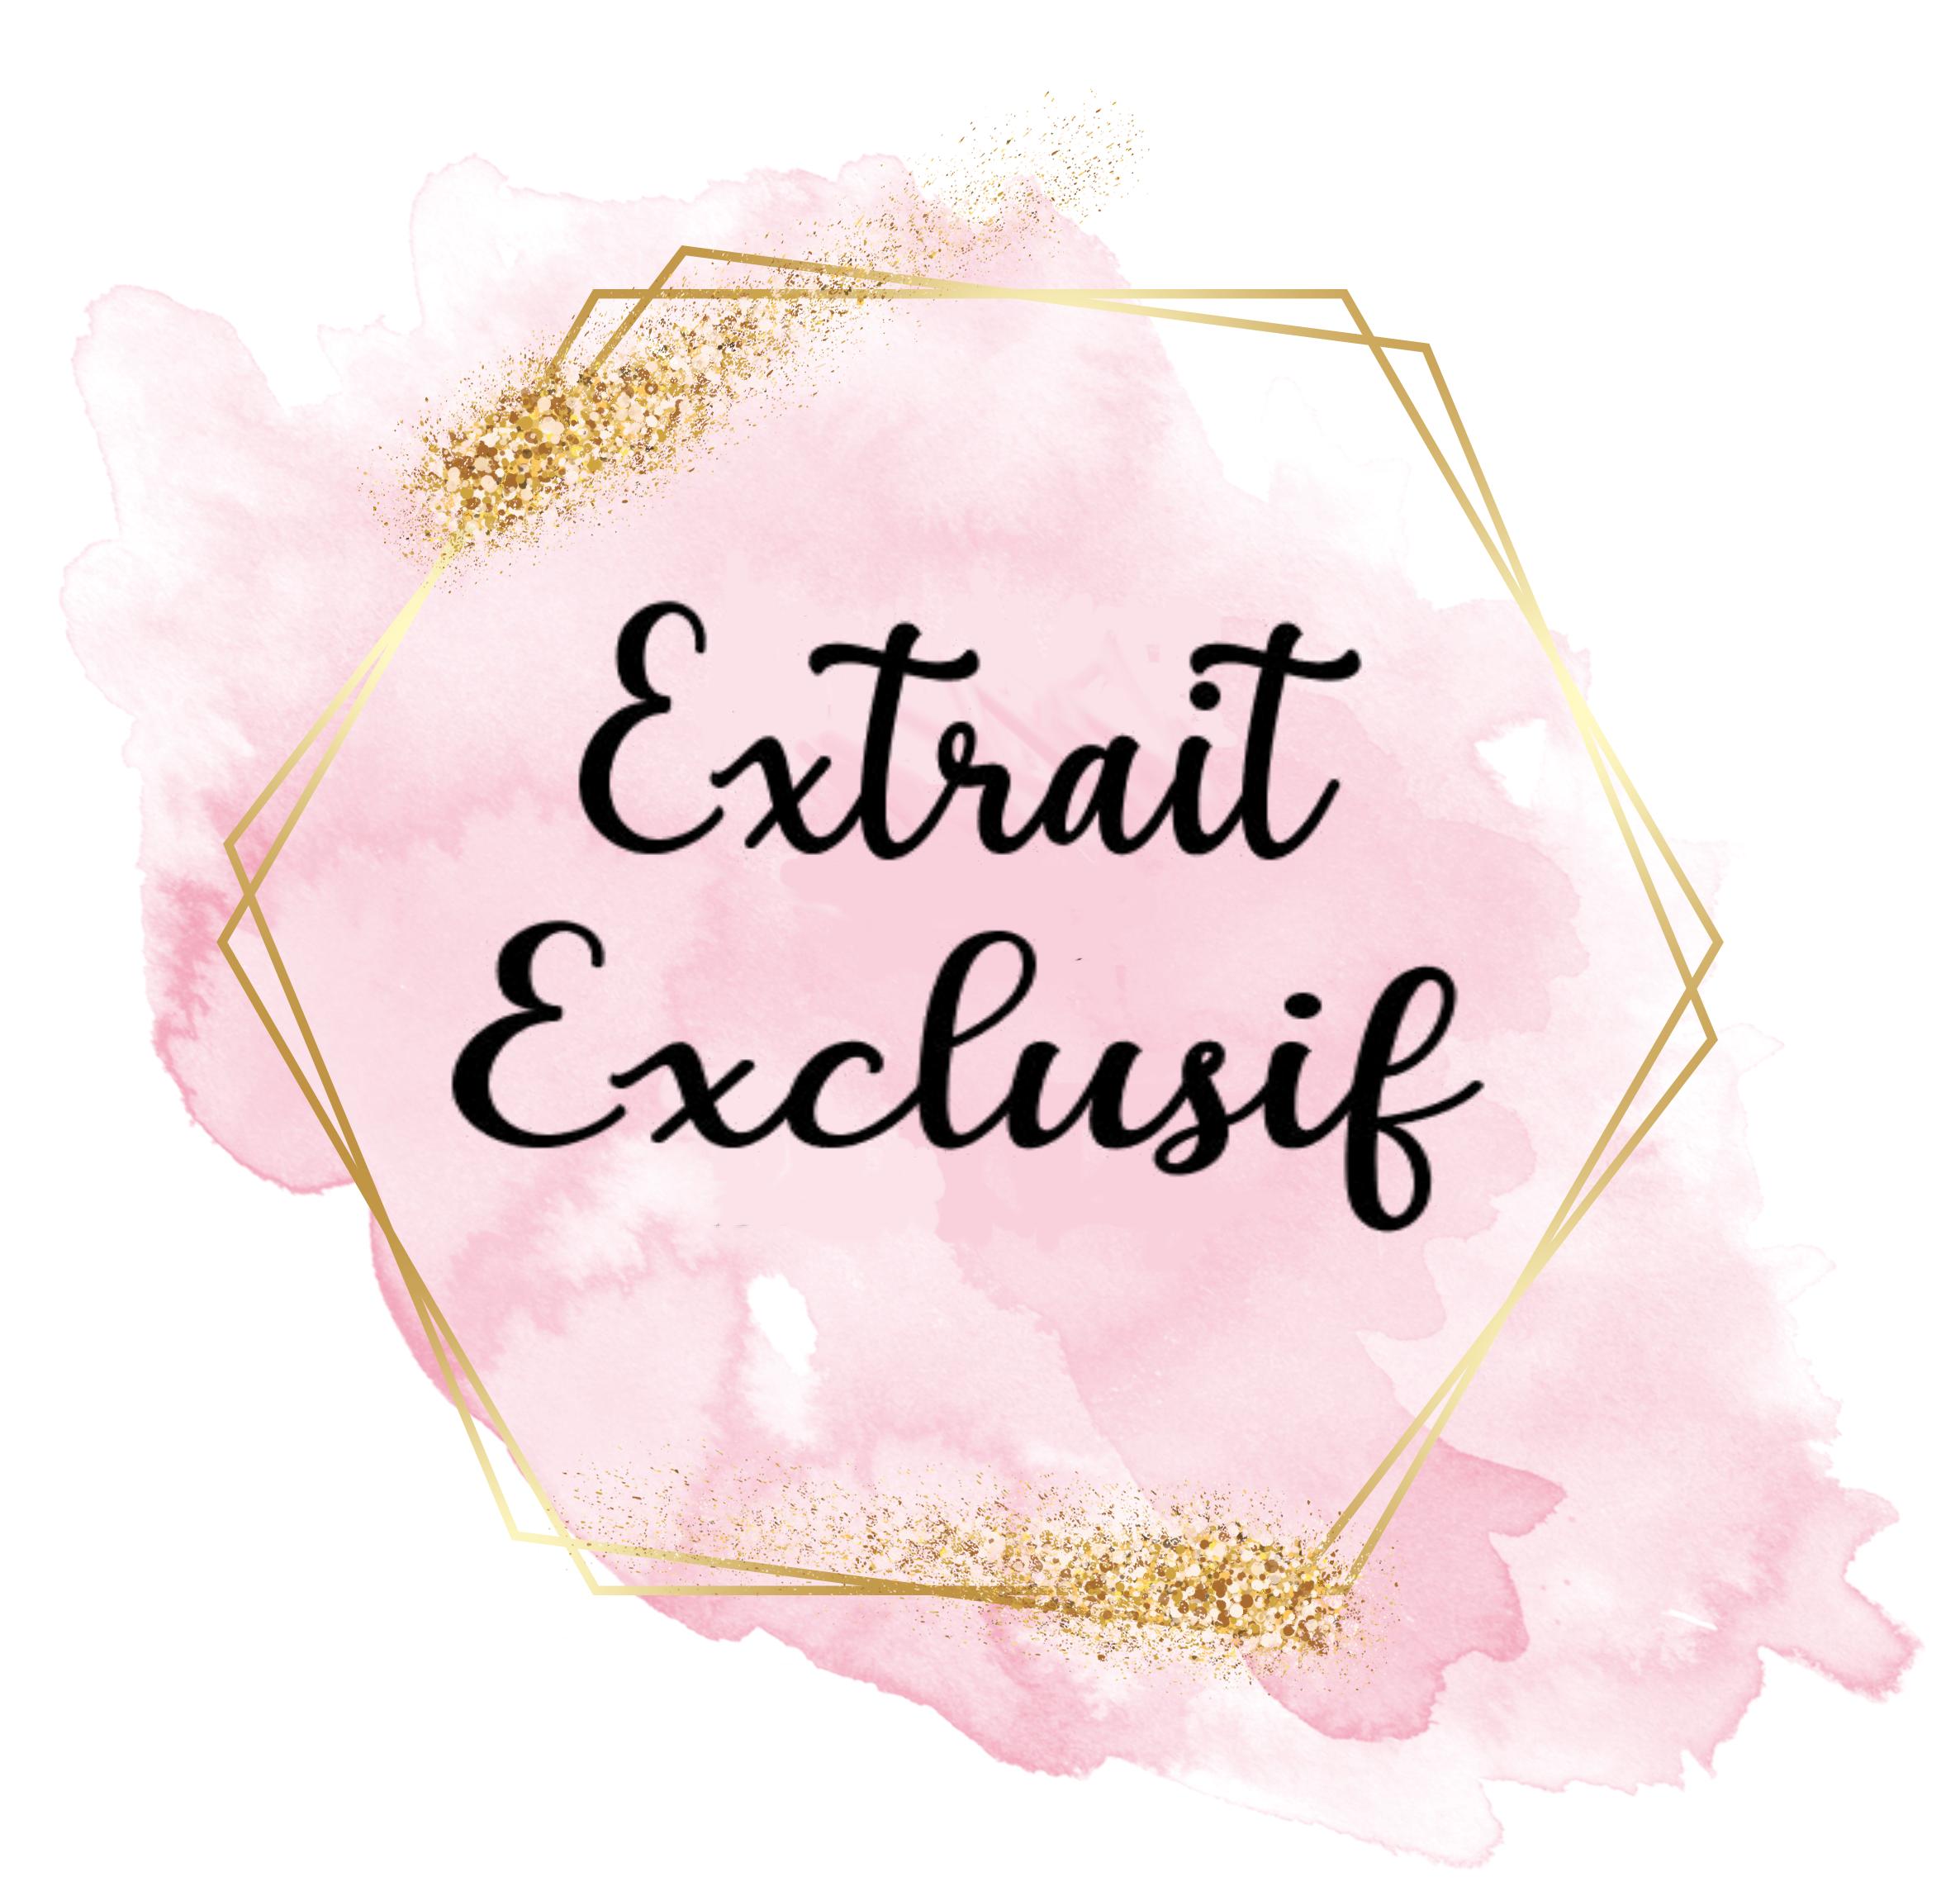 Extrait Exclusif